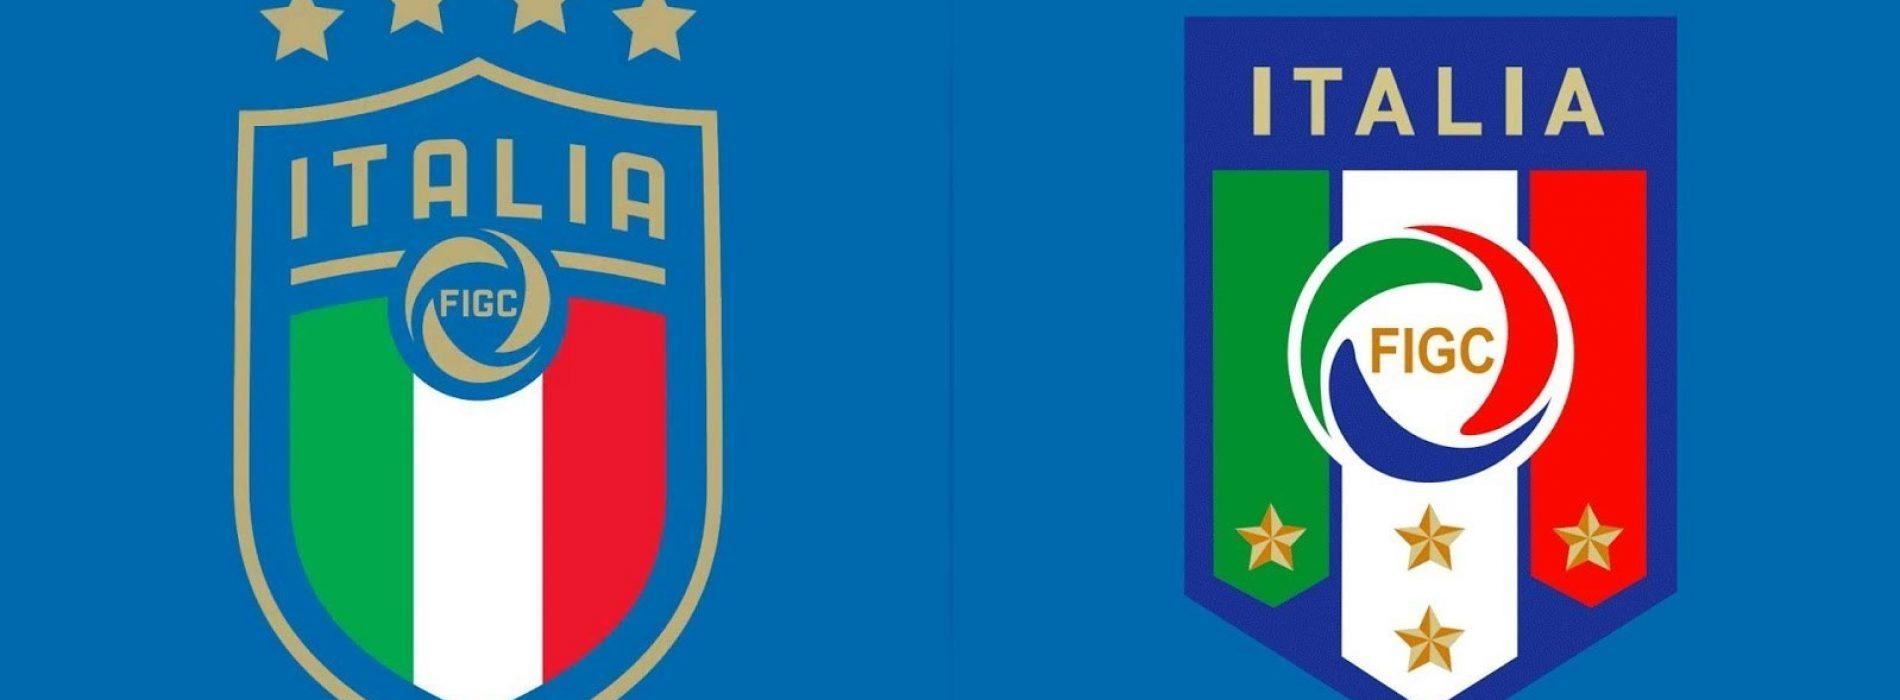 لوگوی جدید تیم ملی ایتالیا